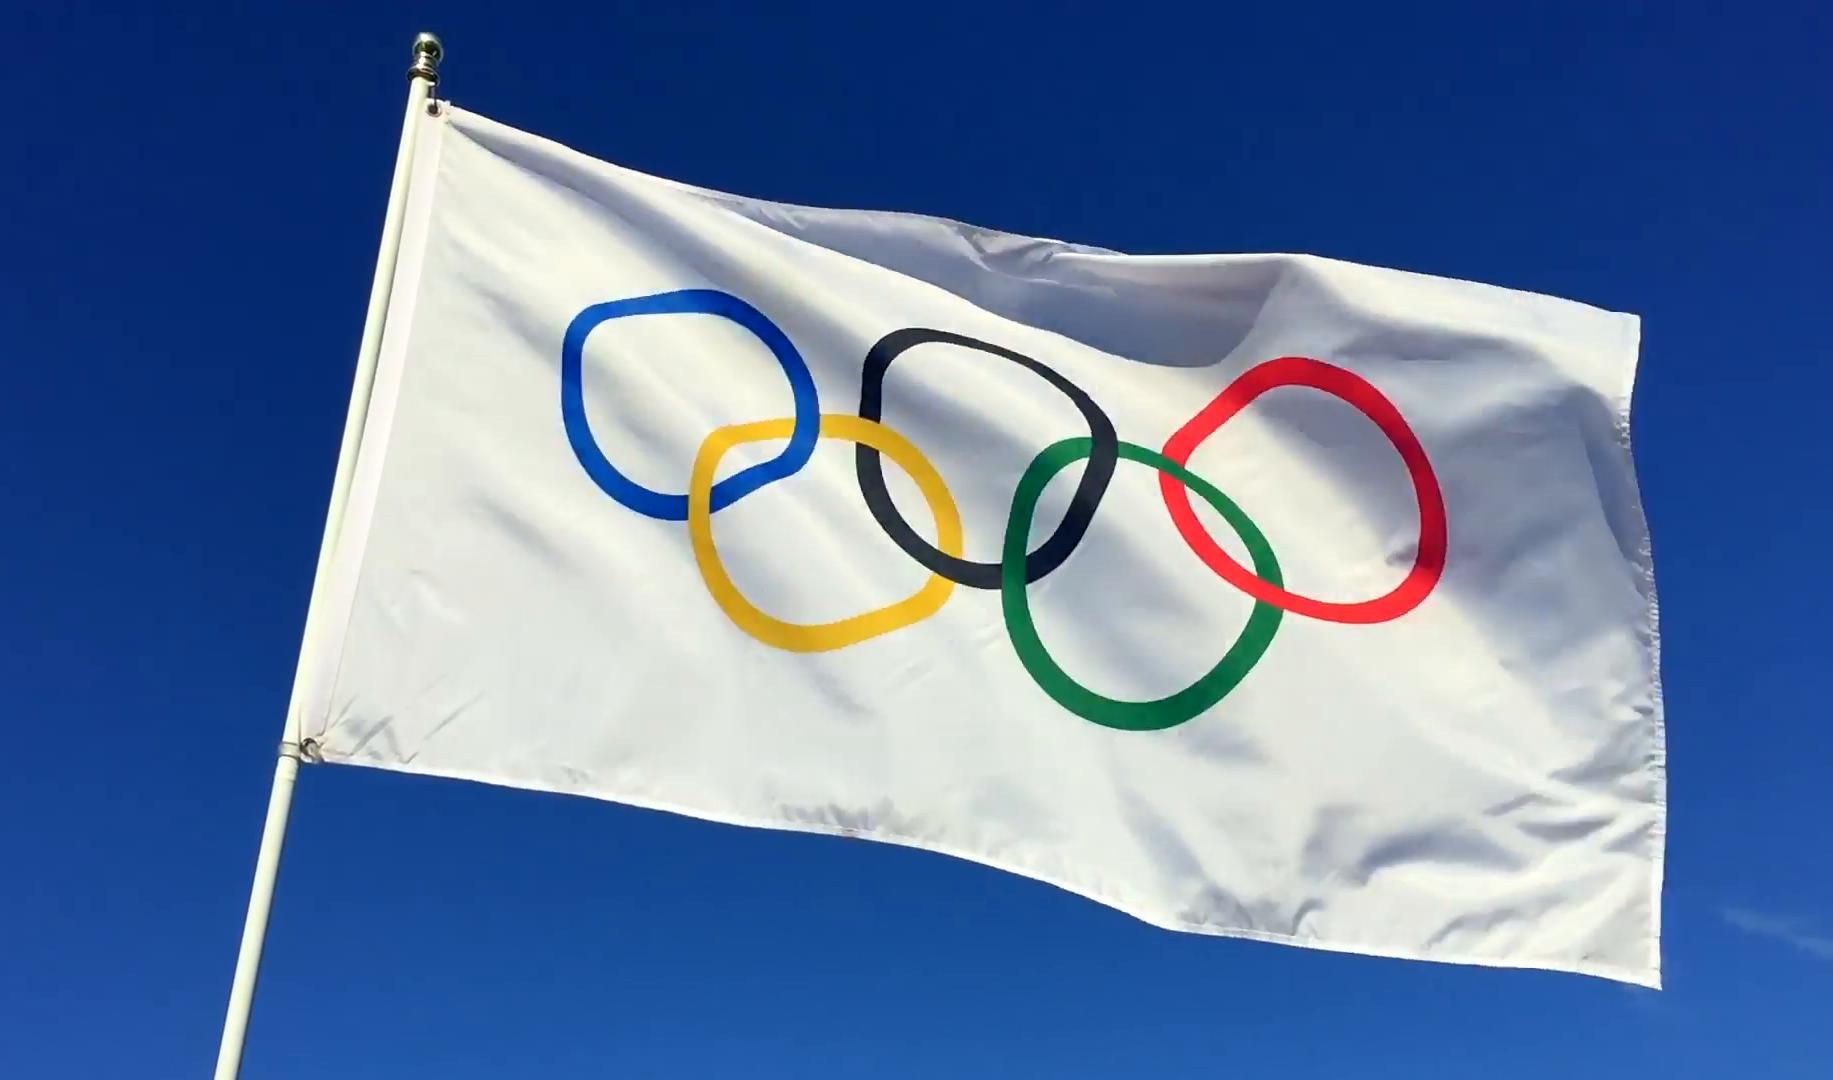 Jocurile Olimpice de la Tokyo 2020. Cât costă un bilet la competiții